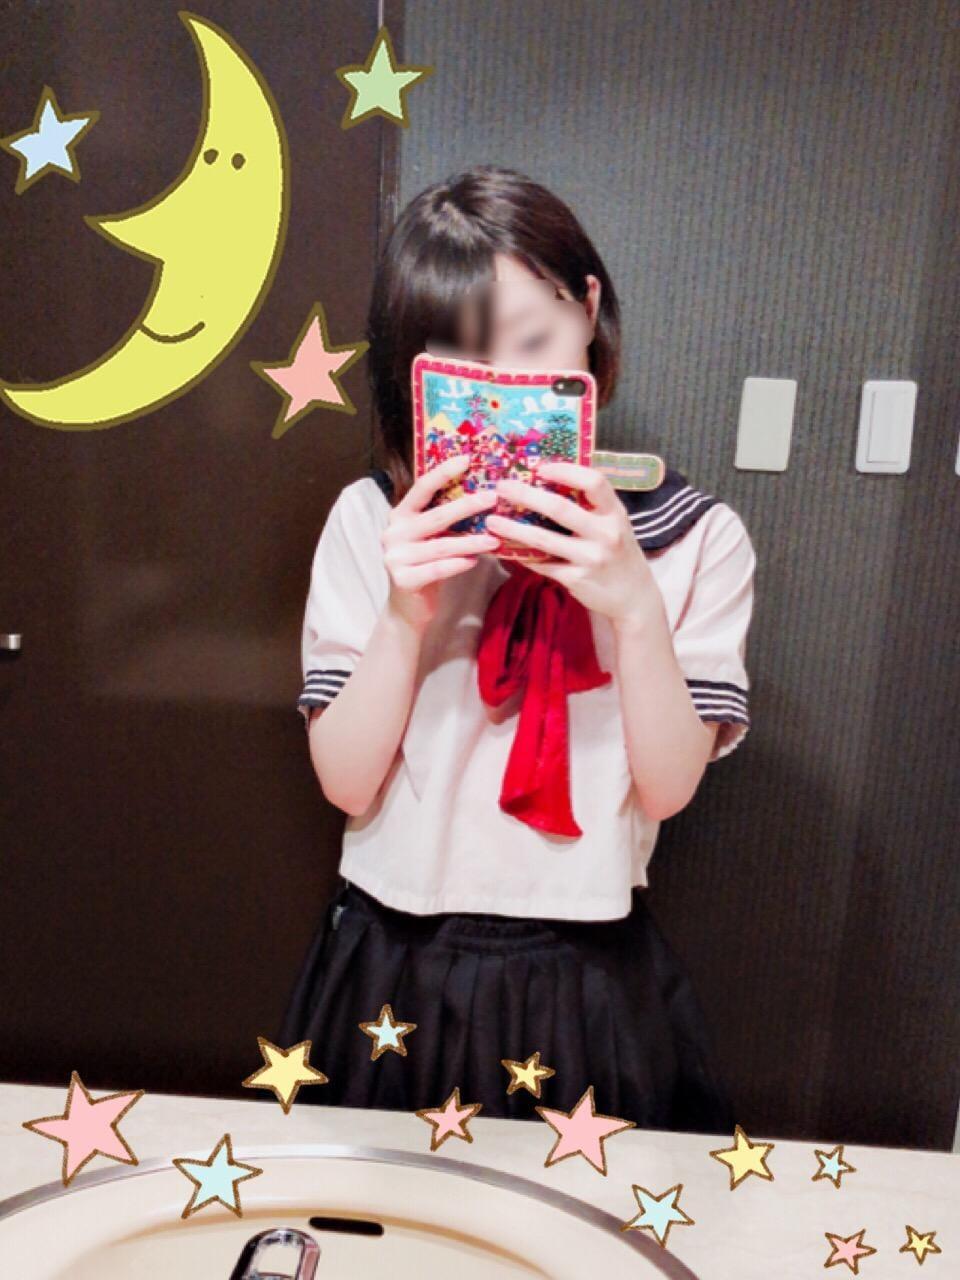 「おはようございます」05/22(05/22) 11:28    ひわ☆未経験超清純乙女の写メ・風俗動画